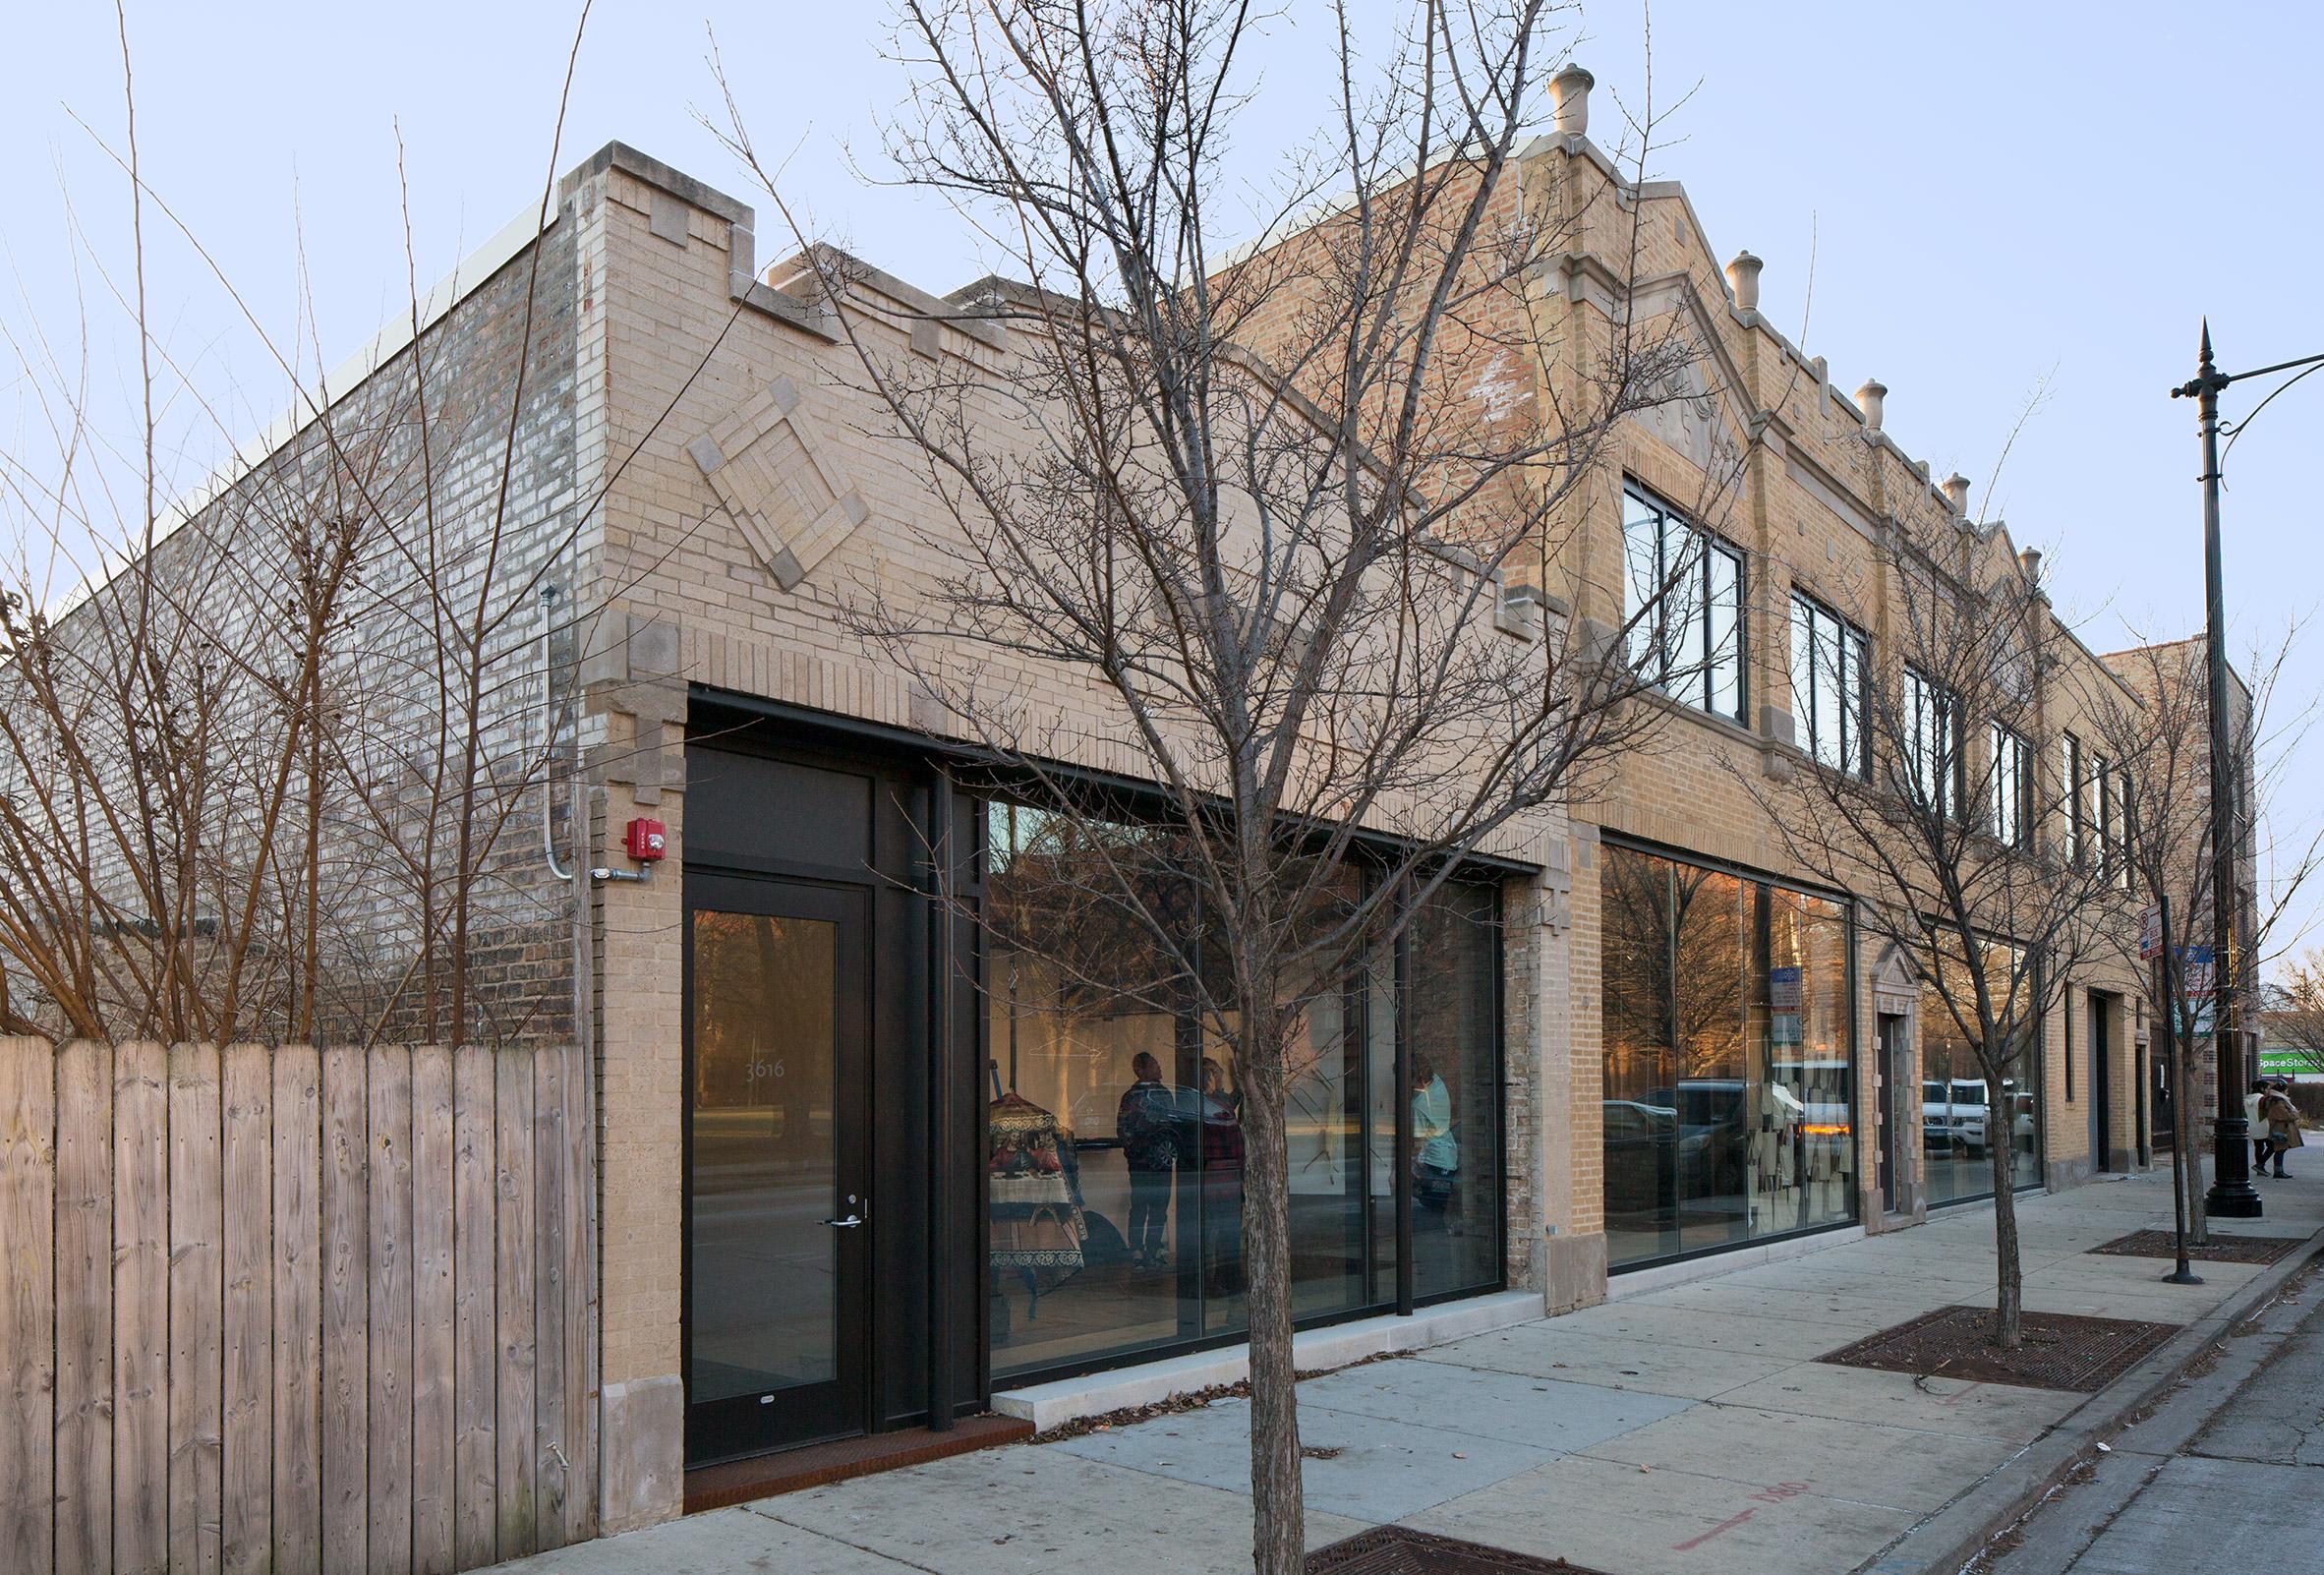 The exterior of the Facilty studios by Carlo Parente